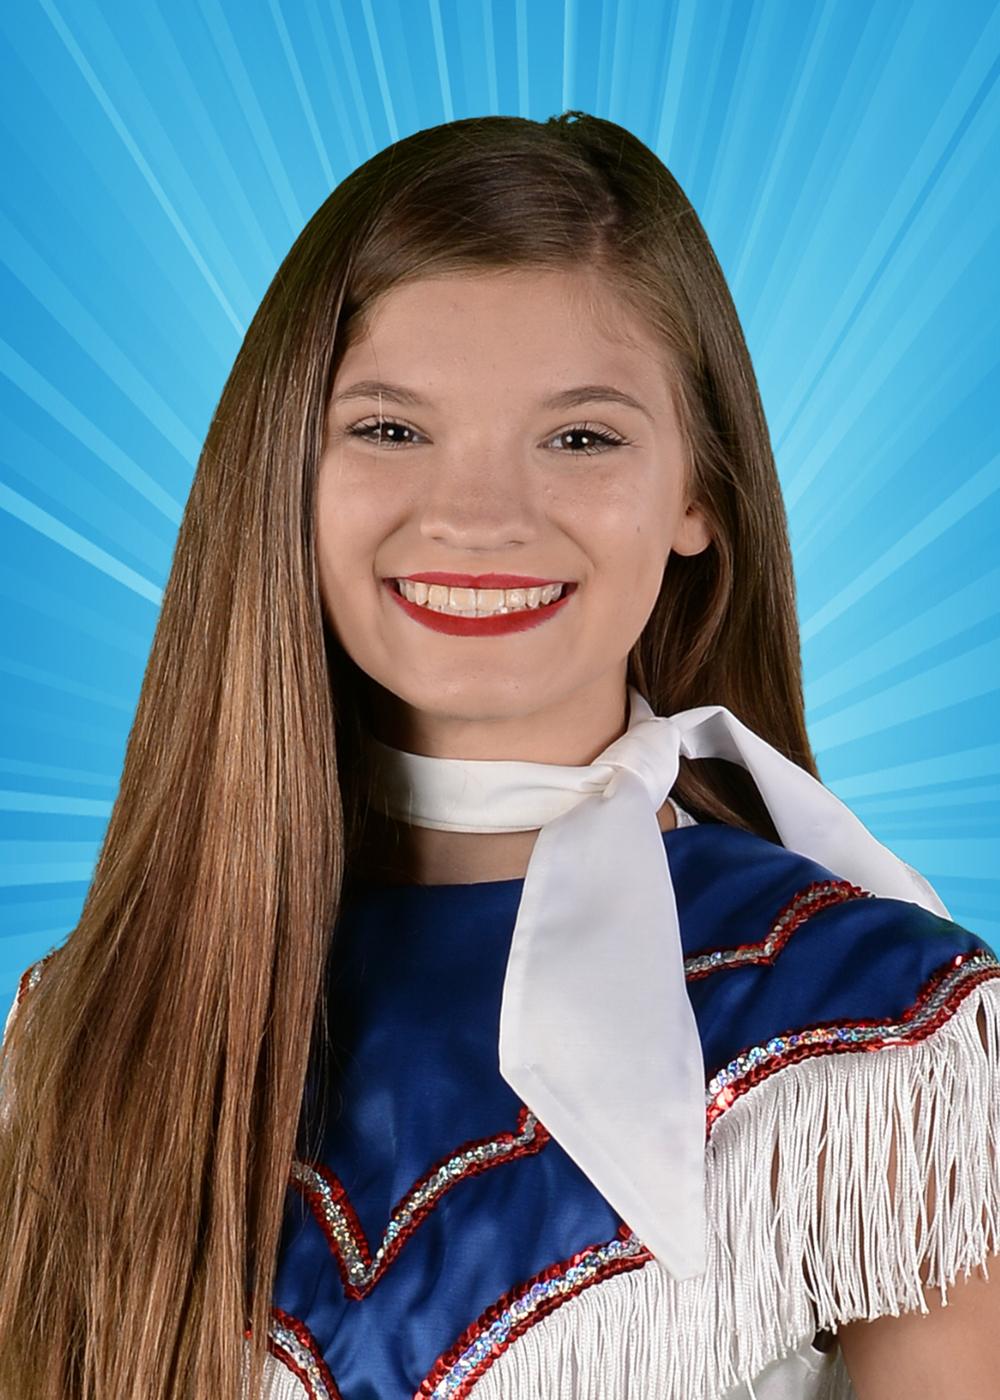 Kaylee Garner